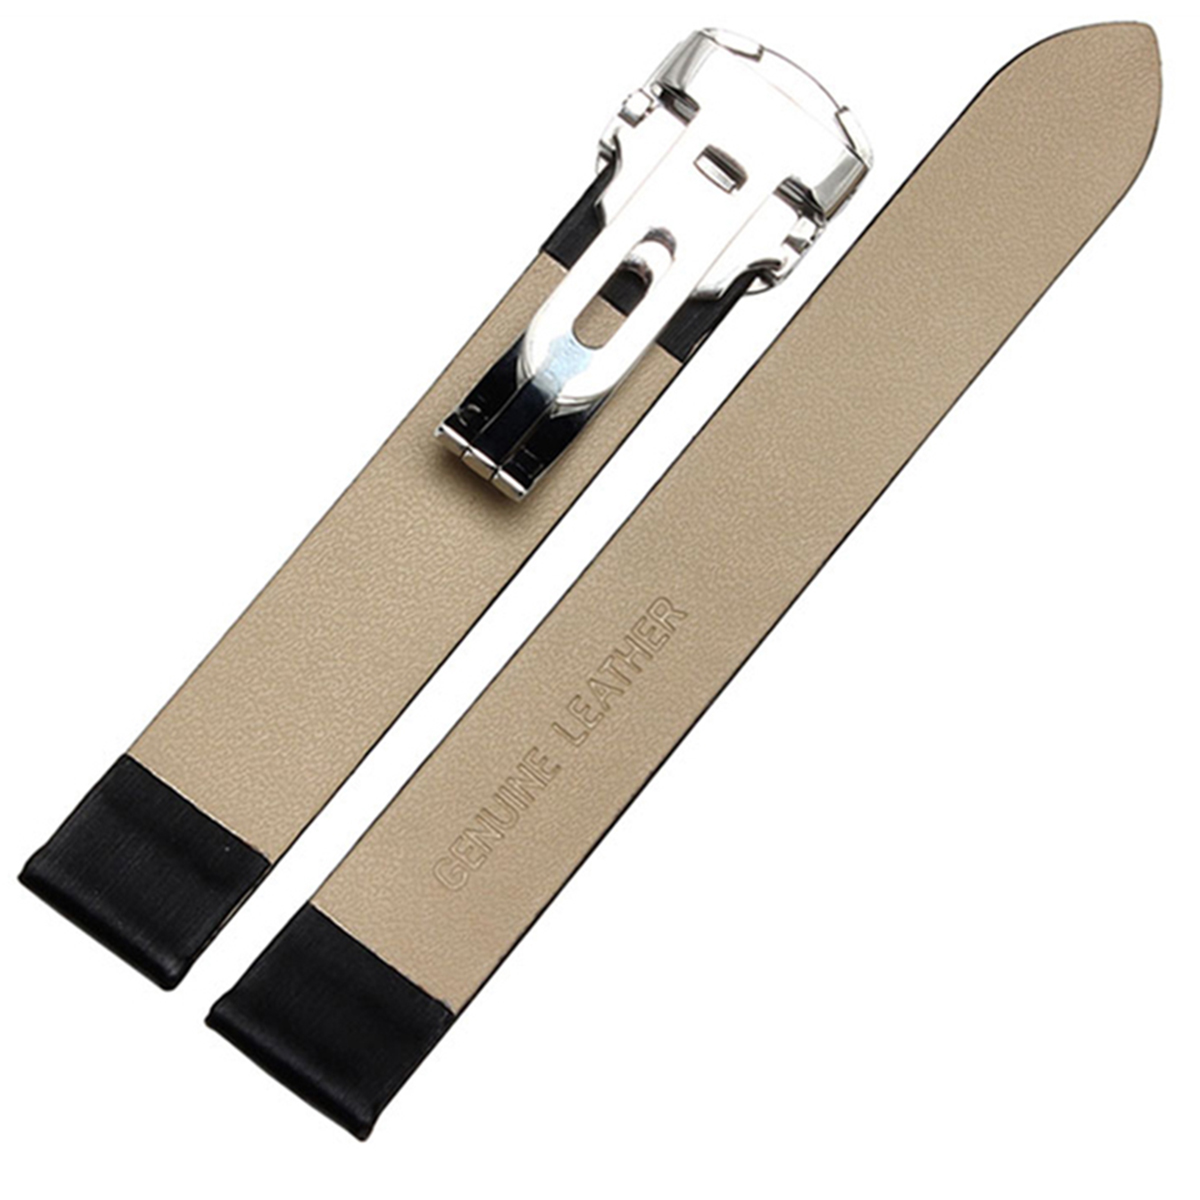 腕時計ベルト 腕時計バンド 替えストラップ 社外品 汎用レザーベルト 革ベルト 取付幅14mm 適用: Cartier カルティエ [Tonneau WE400331 WE400131] (尾錠)Dバックル付き [ Eight - ELB193 ]